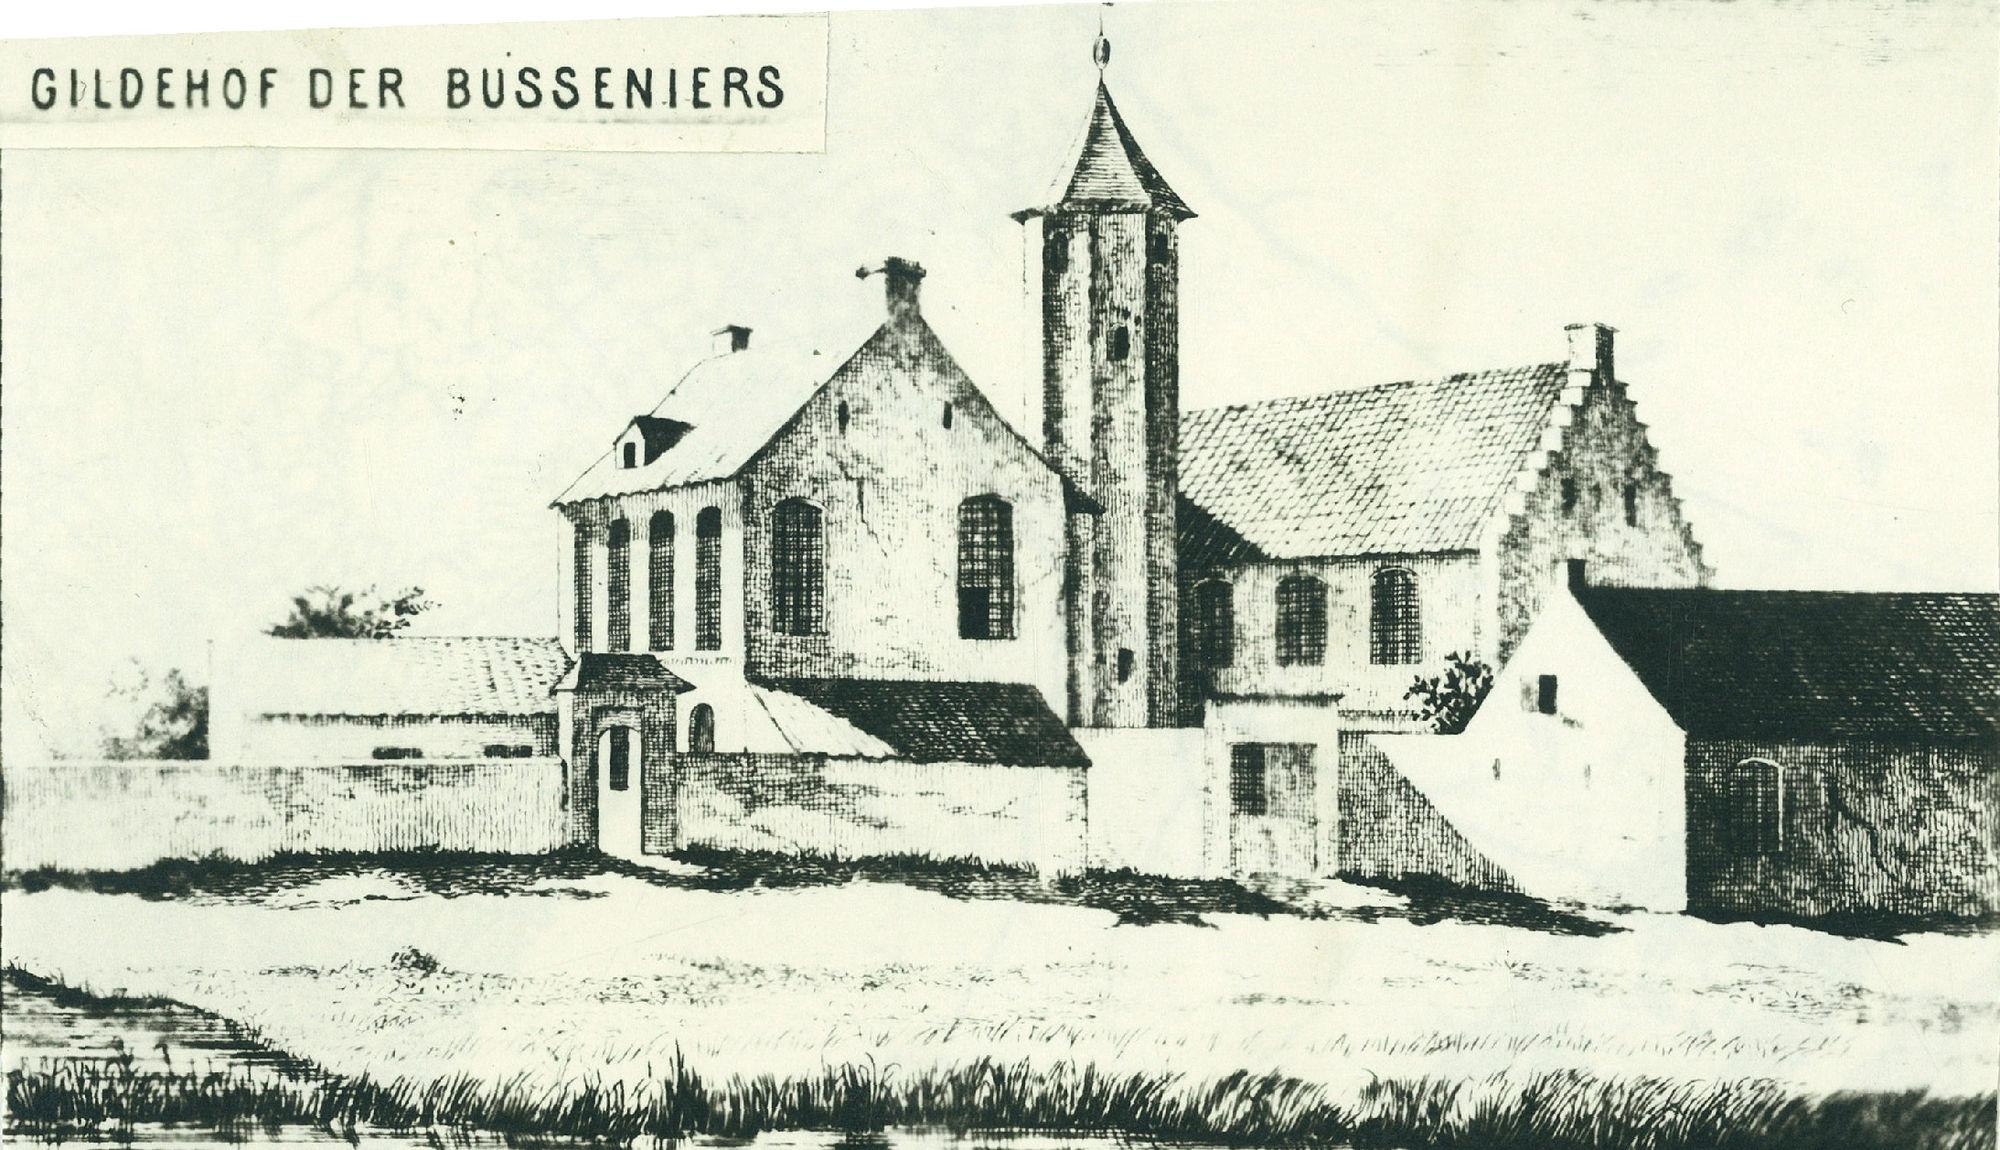 Gildenhof der busseniers in de Wijngaardstraat - St. Janslaan